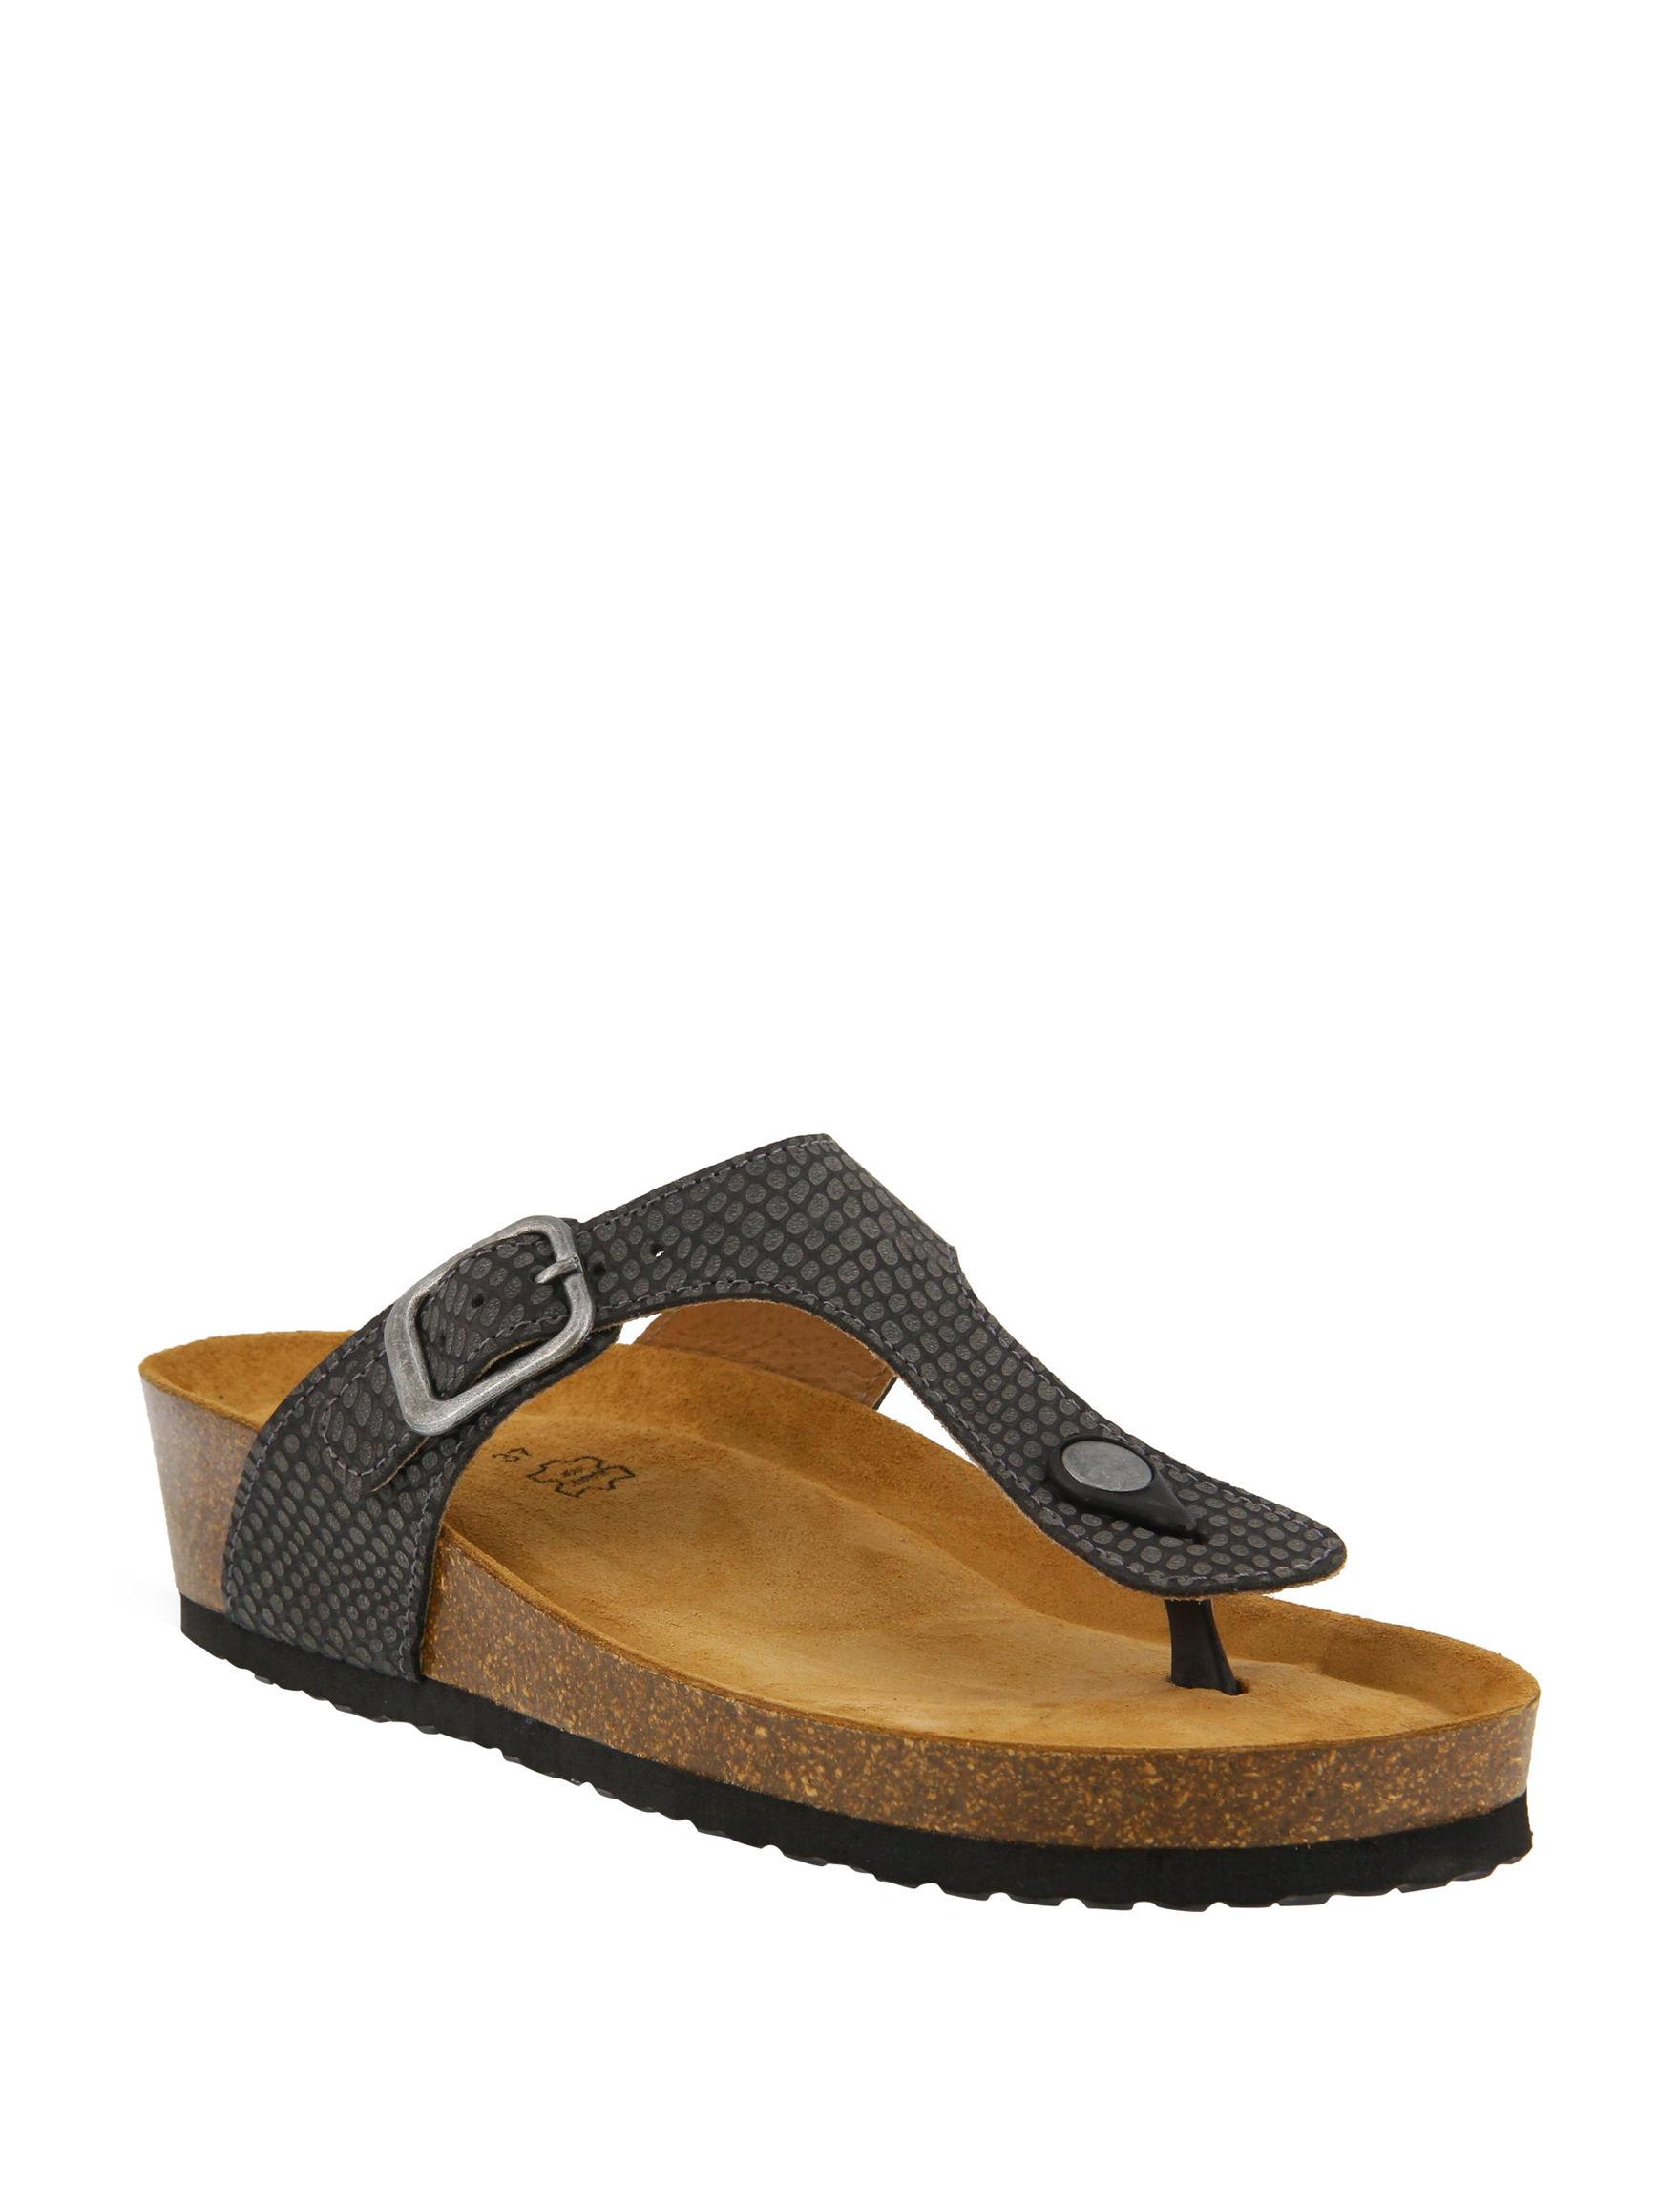 Spring Step Black Slide Sandals